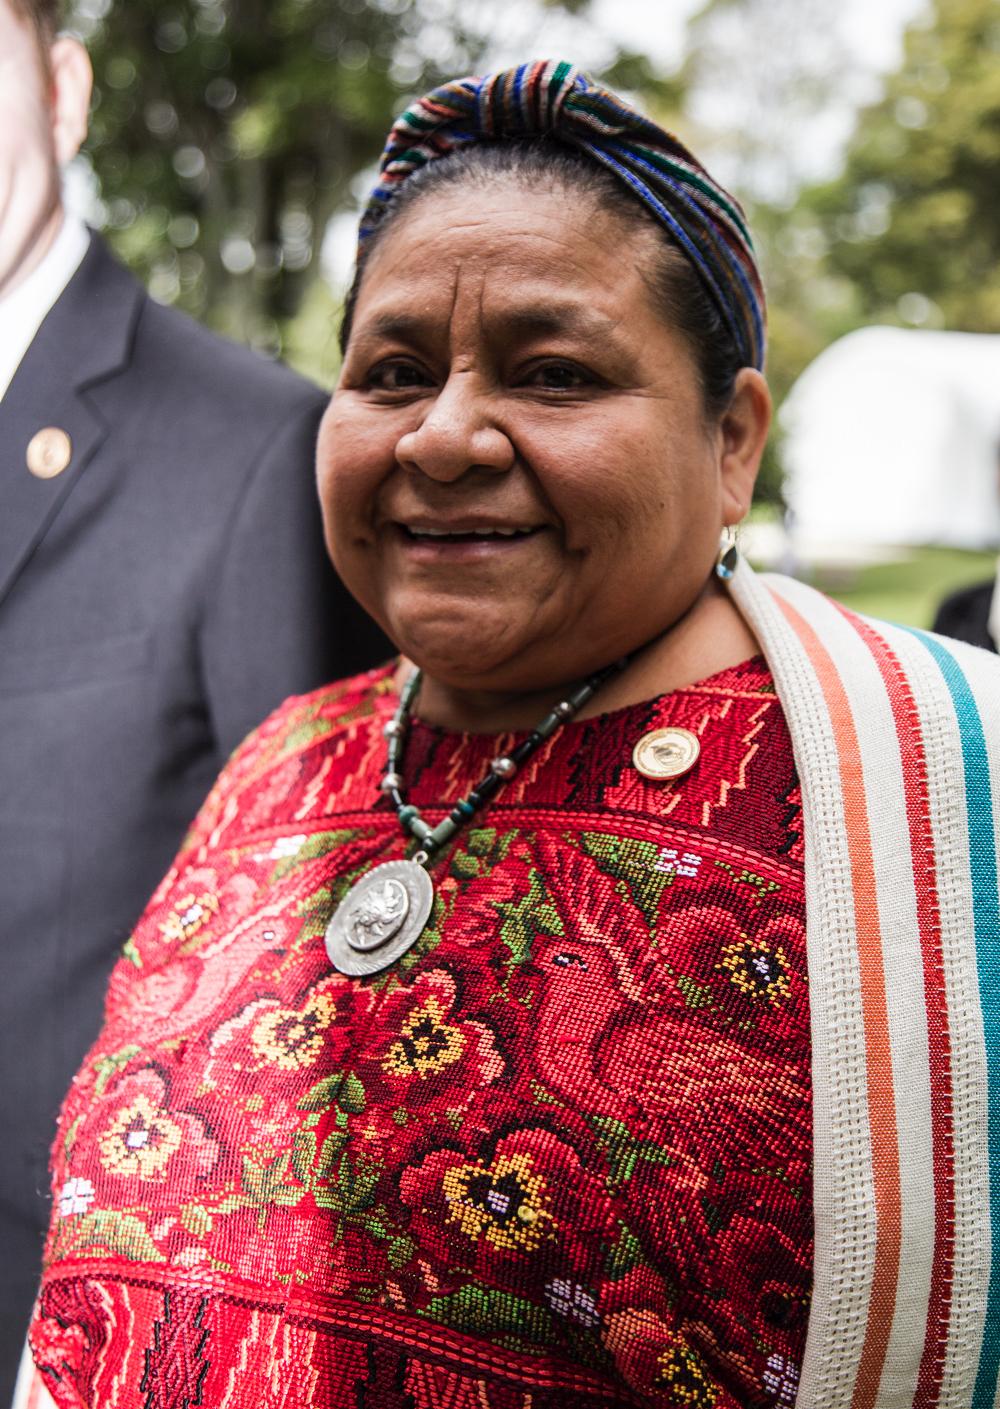 7 ingredientes de Rigoberta Menchú para preparar la paz